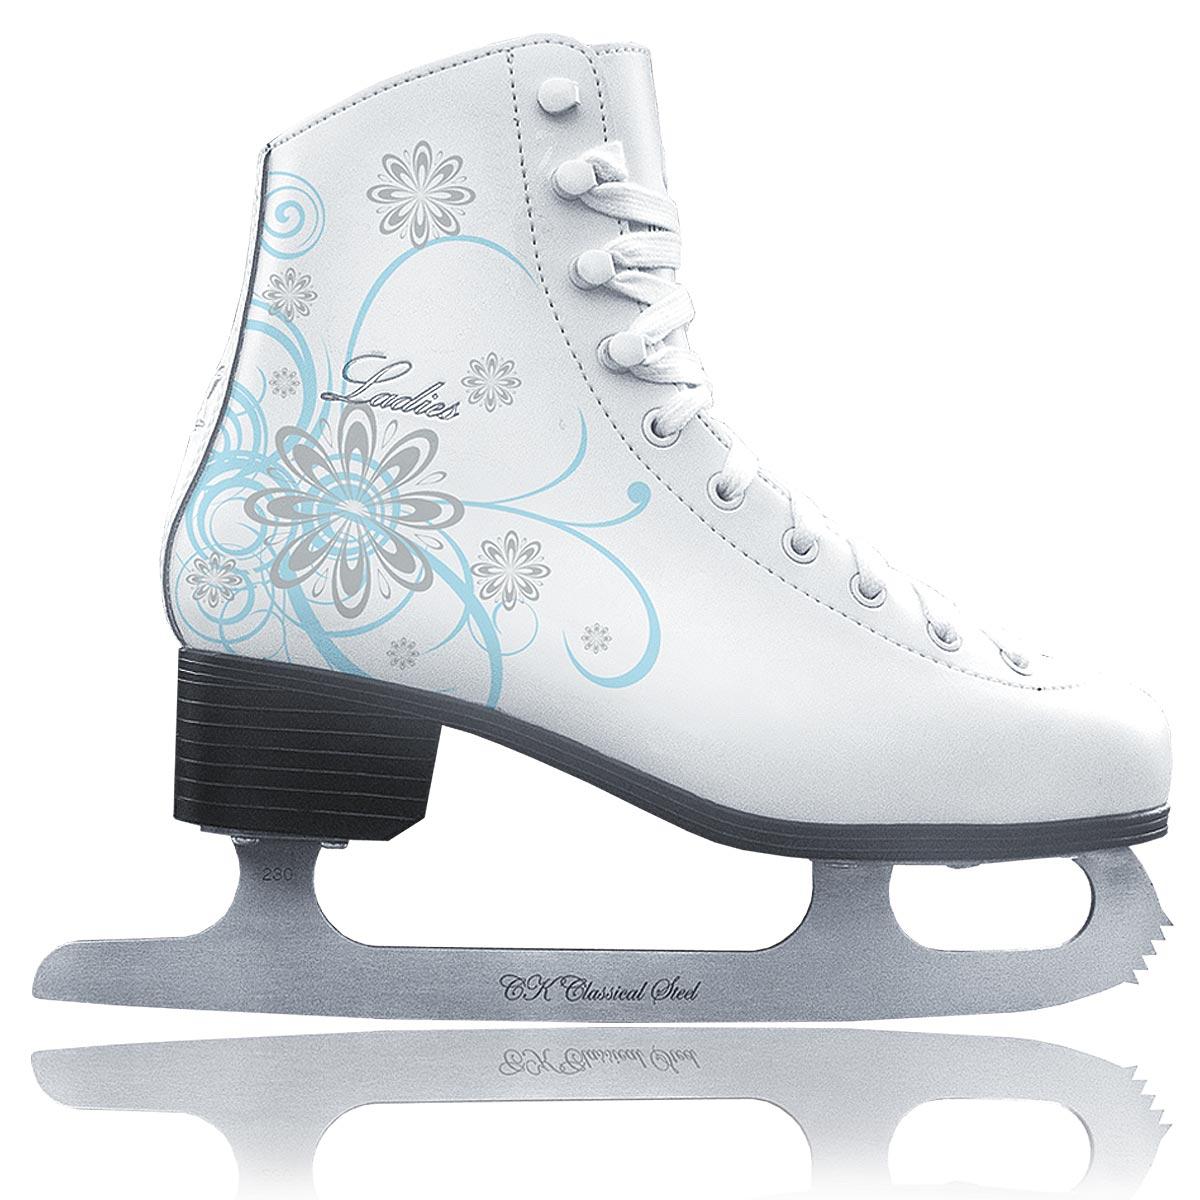 Коньки фигурные женские CK Ladies Velvet Classic, цвет: белый, голубой, серебряный. Размер 38LADIES velvet Classic_белый, голубой, серебряный_38